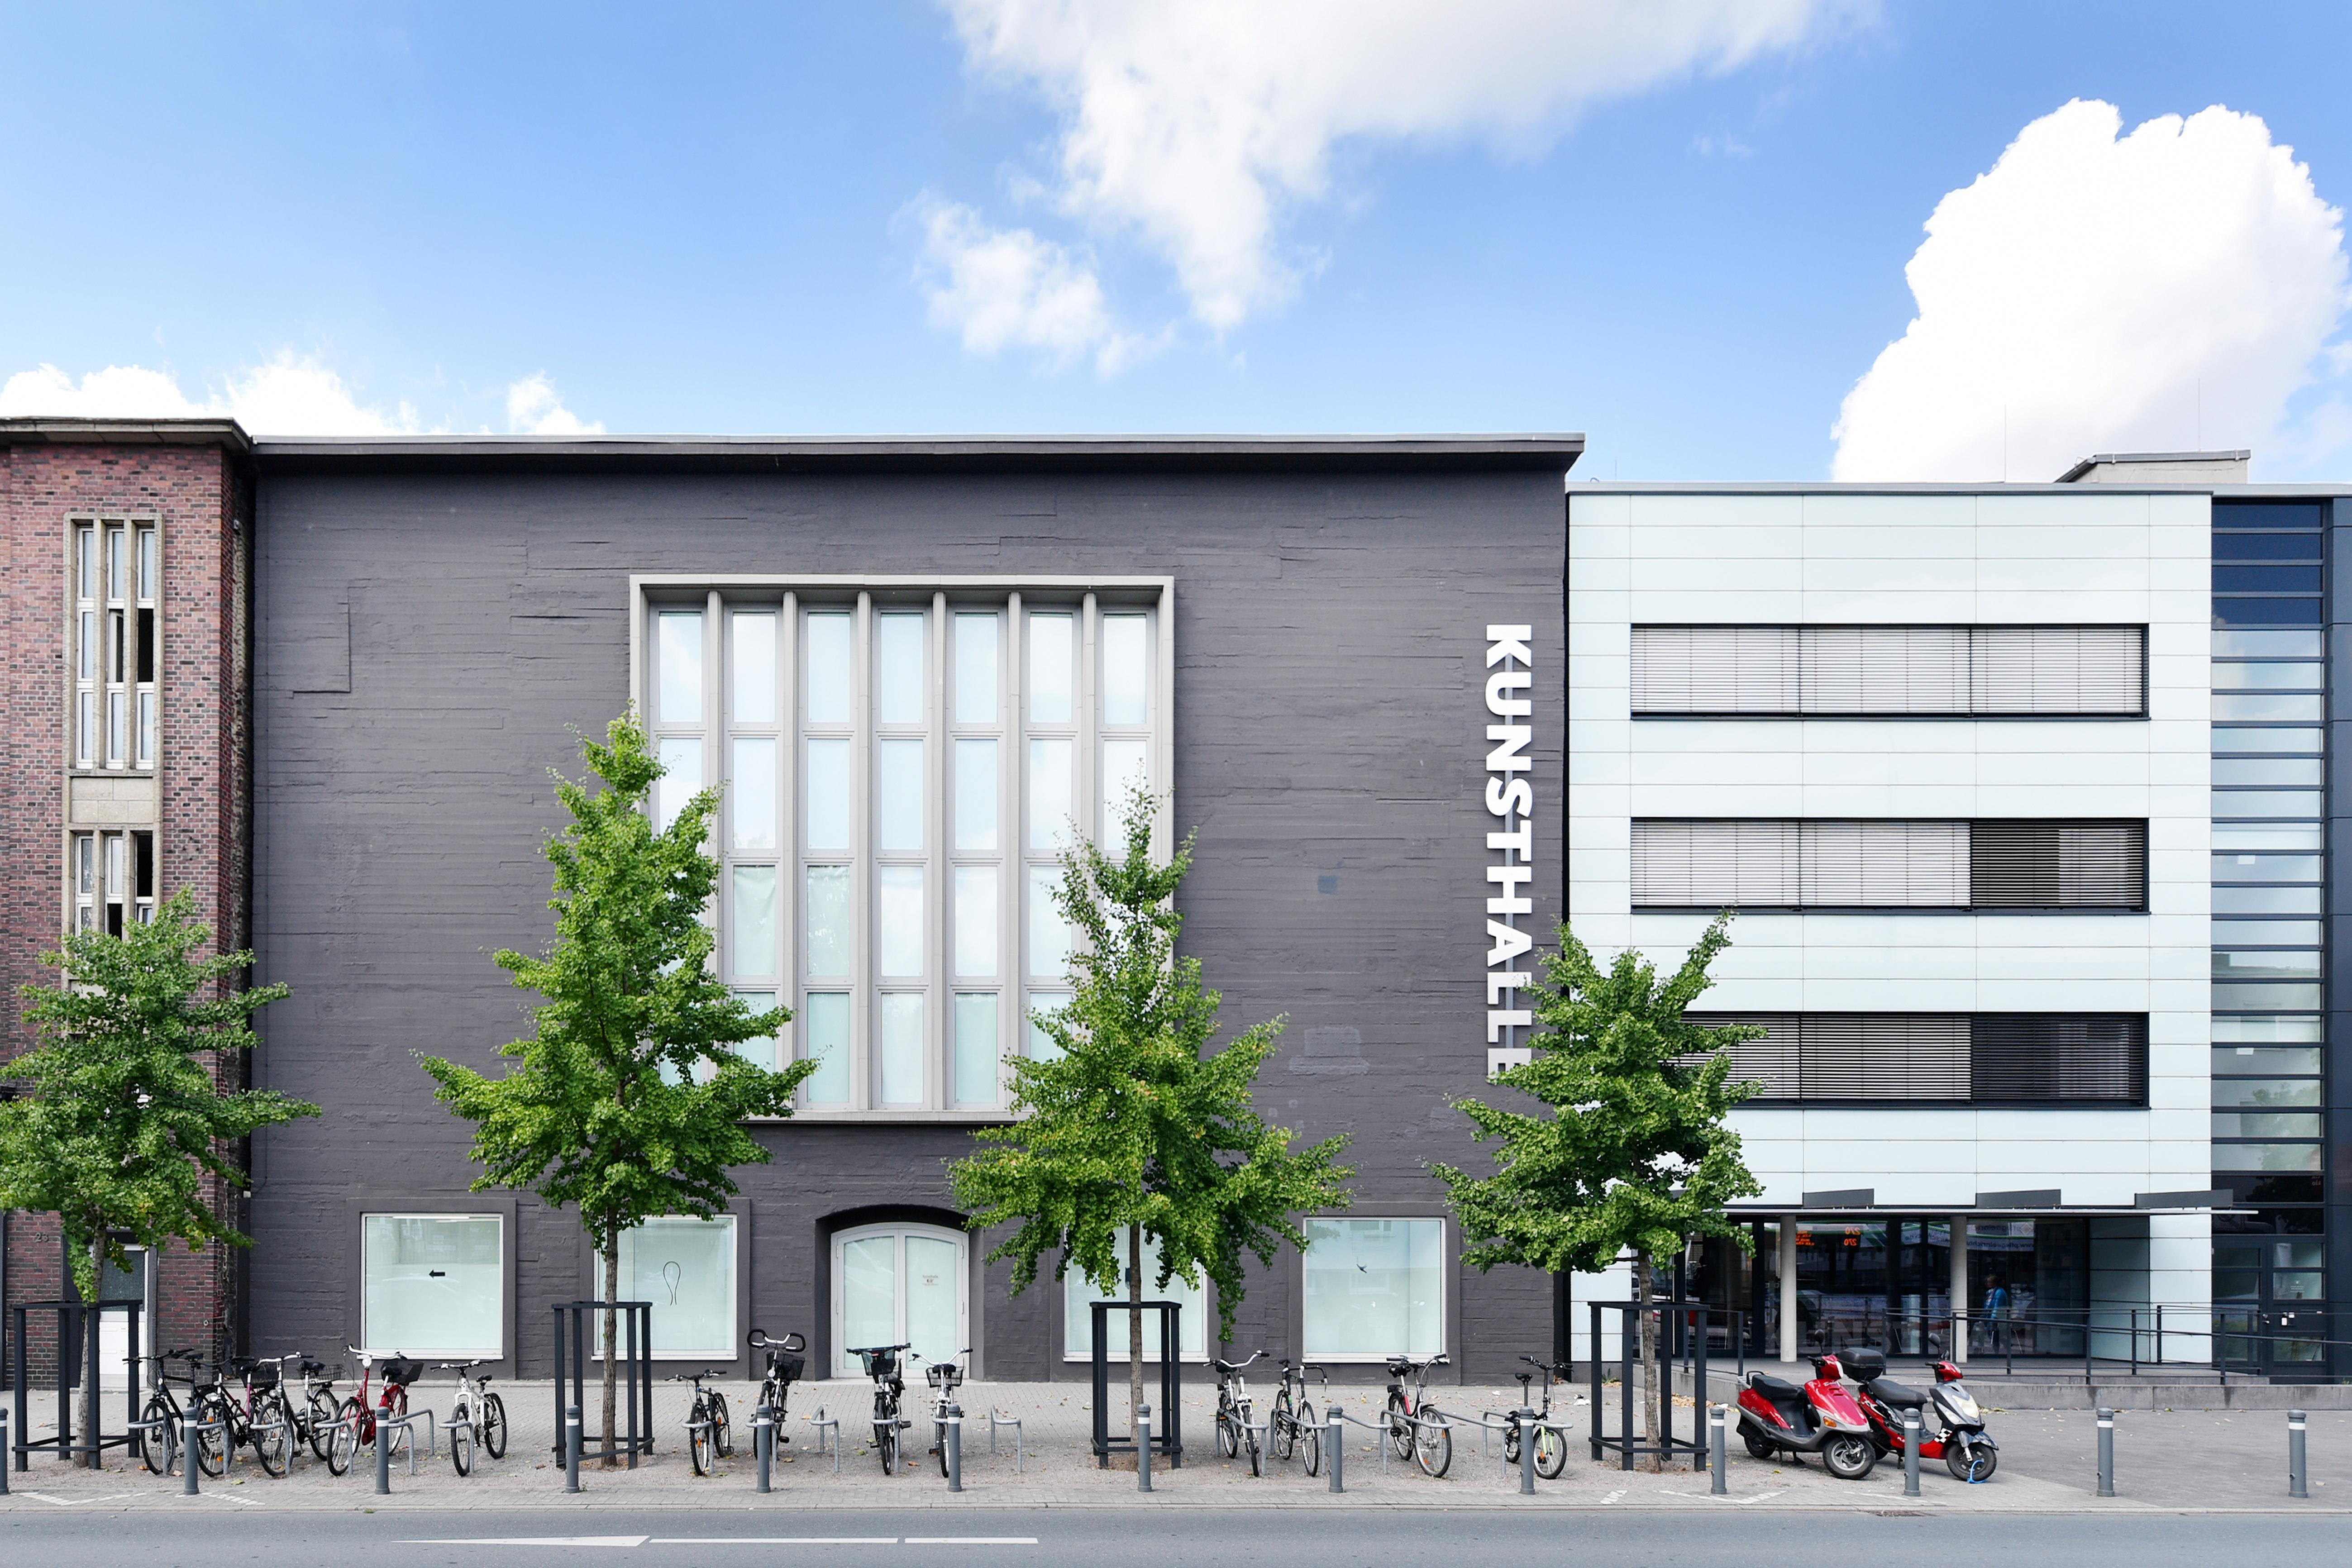 Die Kunsthalle Recklinghausen zählt zu einem der großen Museen, die mit der RuhrKultur.Card ermäßigt besichtigt werden können © RTG/Frank Vinken